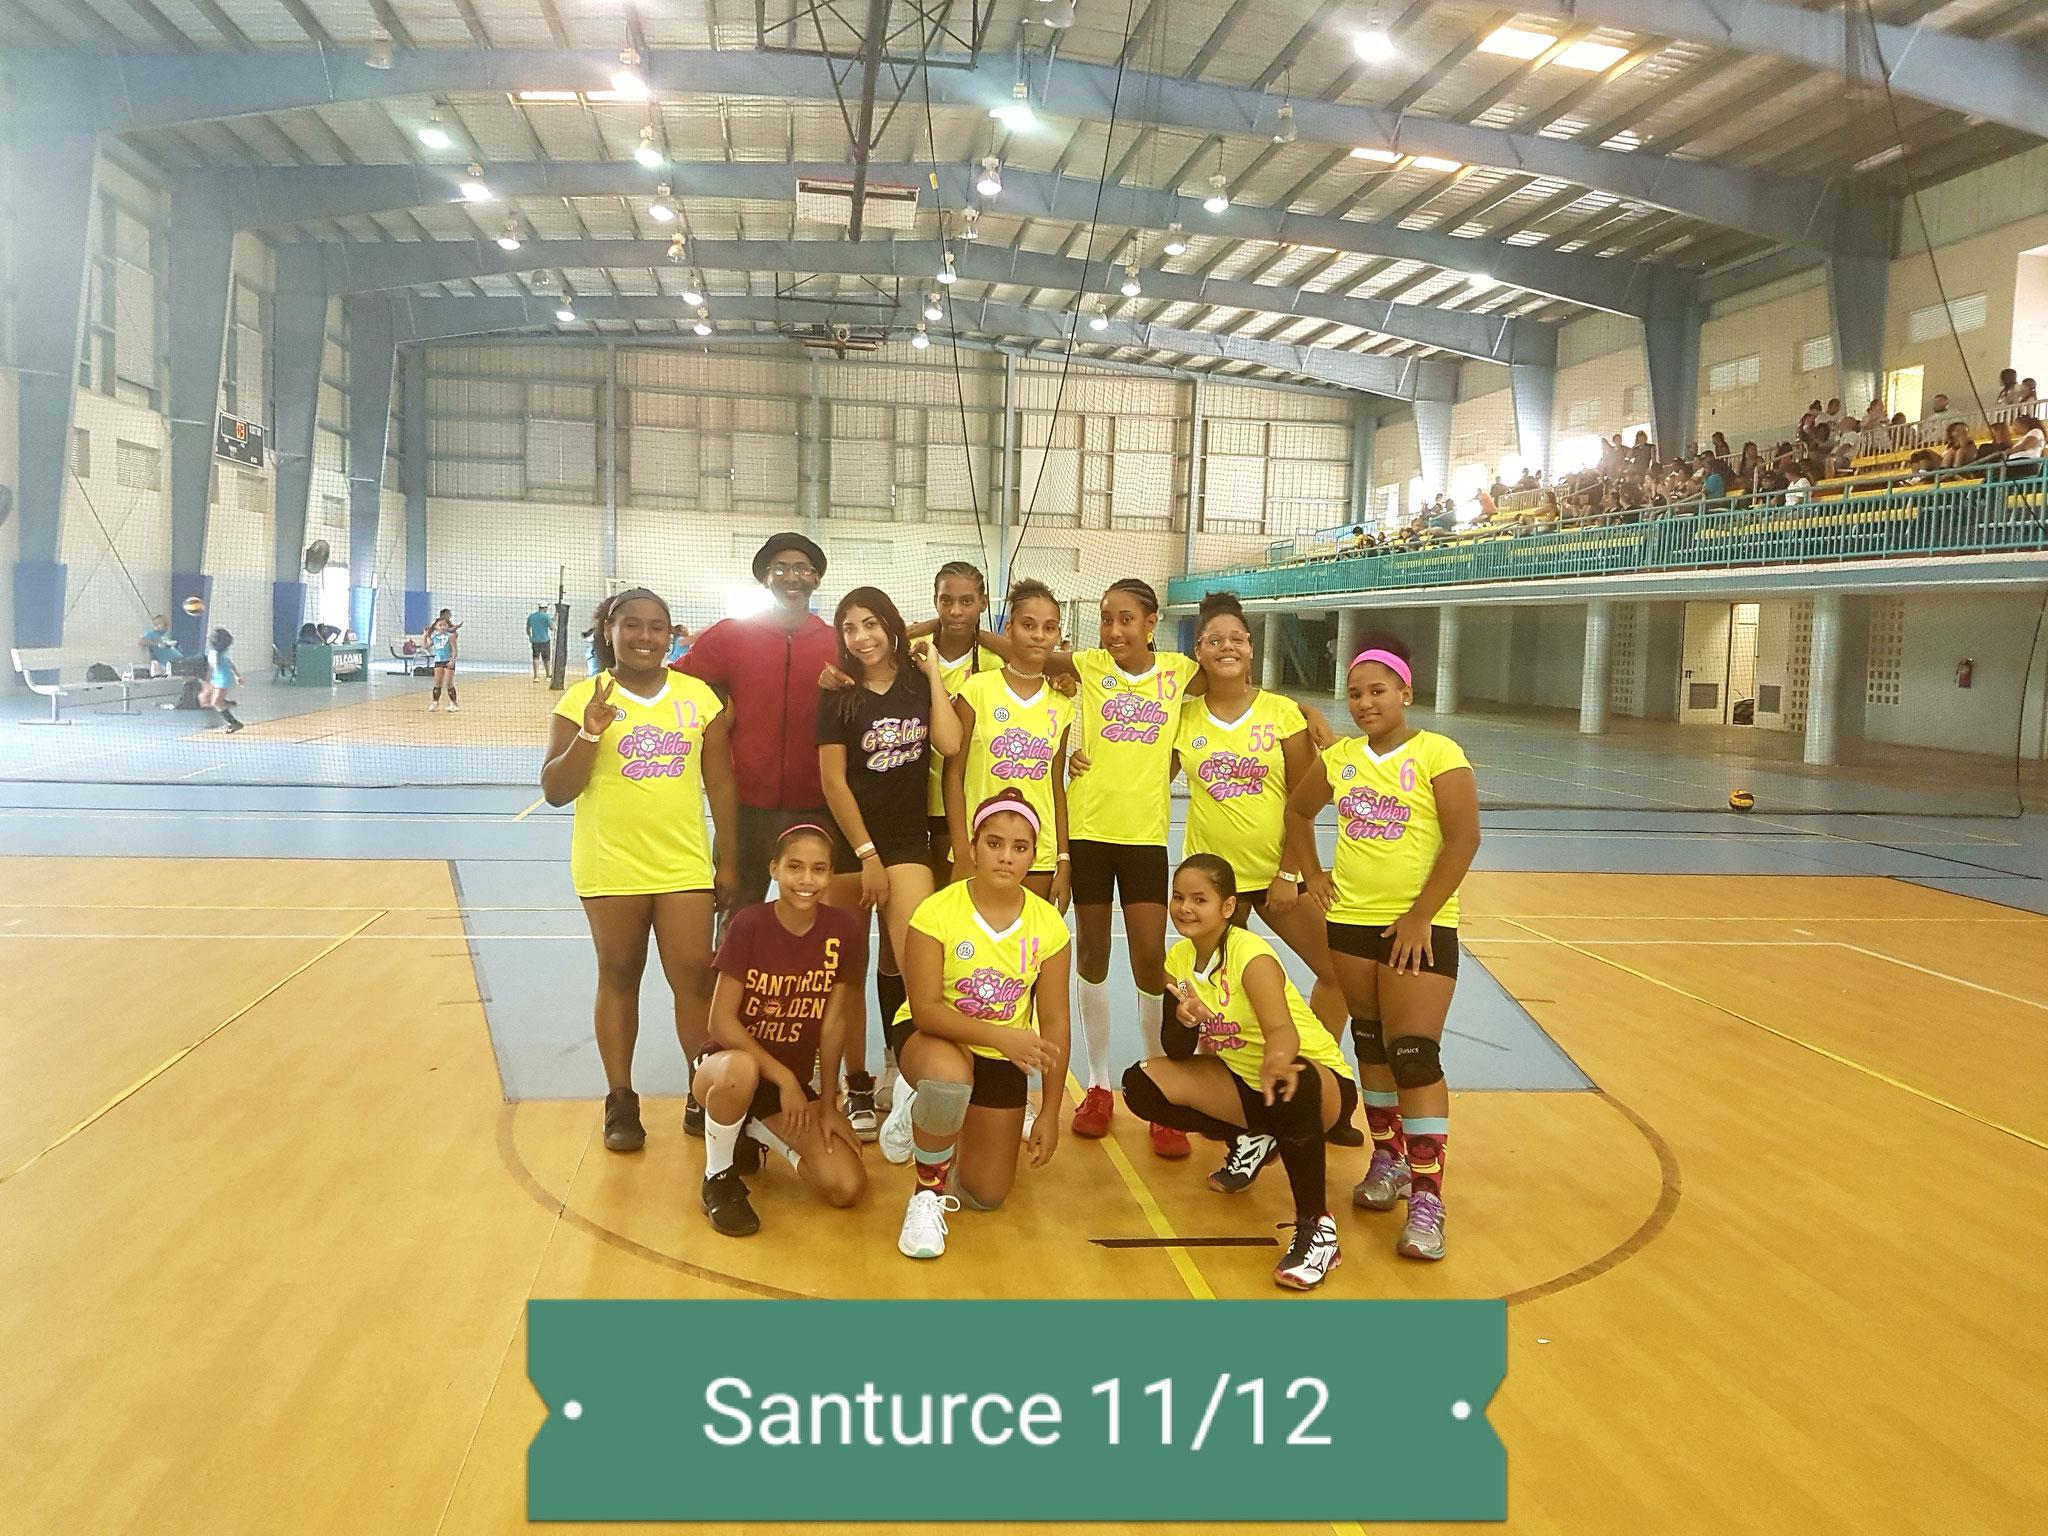 SANTURCE GOLDEN GIRLS CUARTO LUGAR 11 Y 12 AÑOS